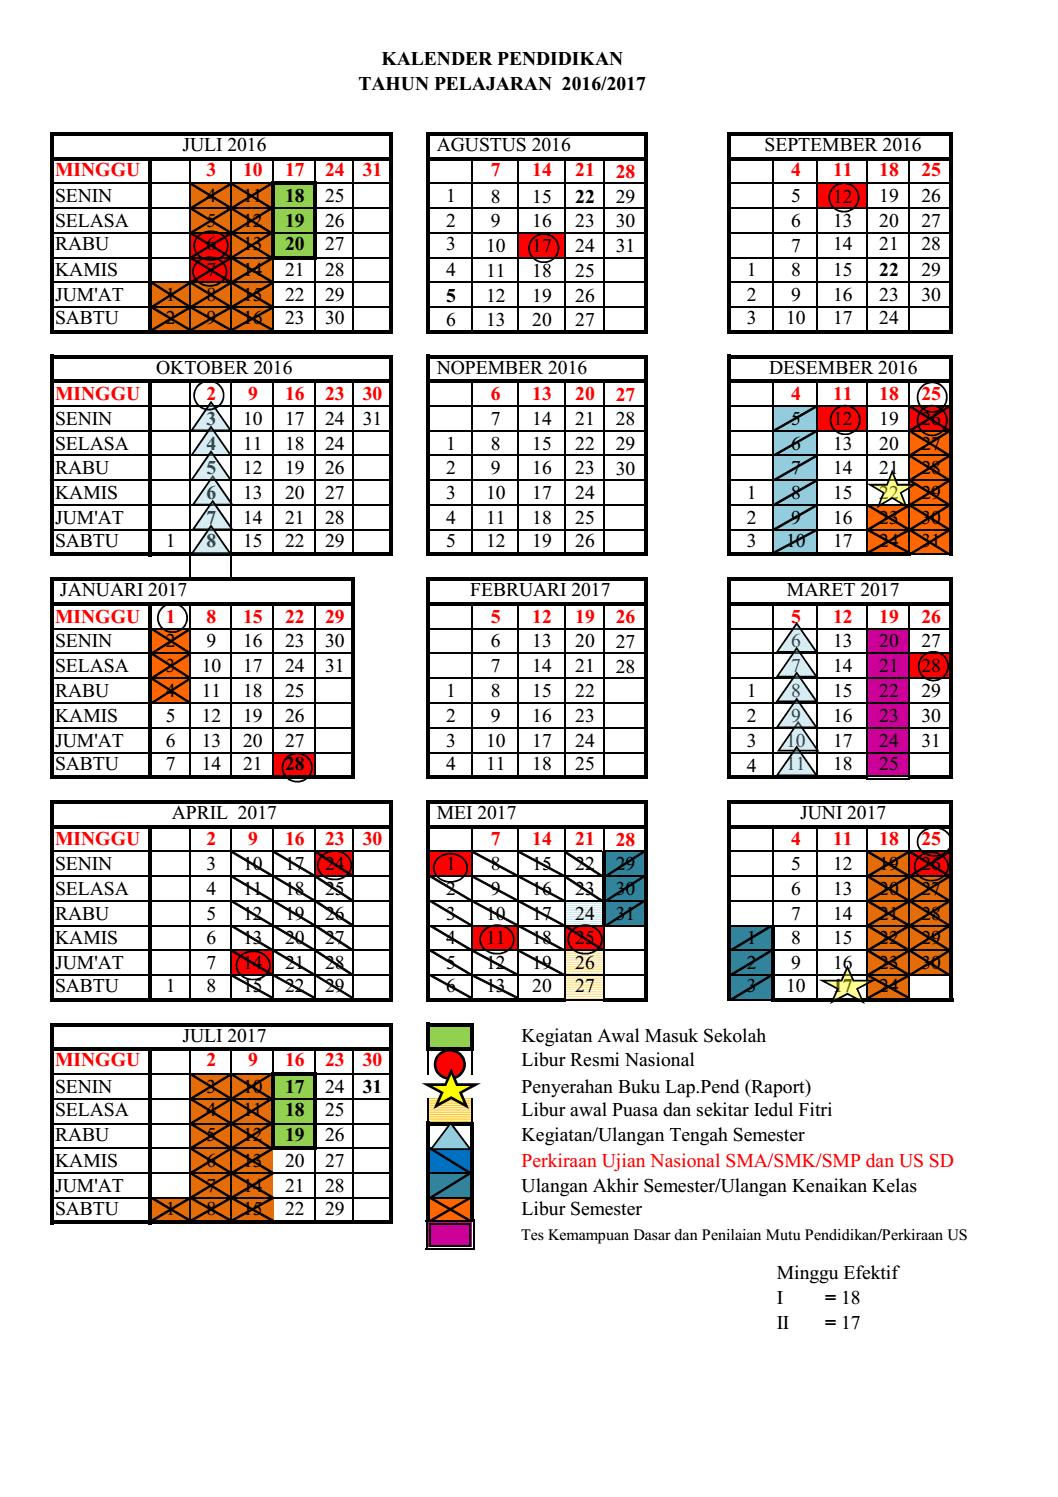 Kalender Pendidikan 2016 2017 Akrab Senada